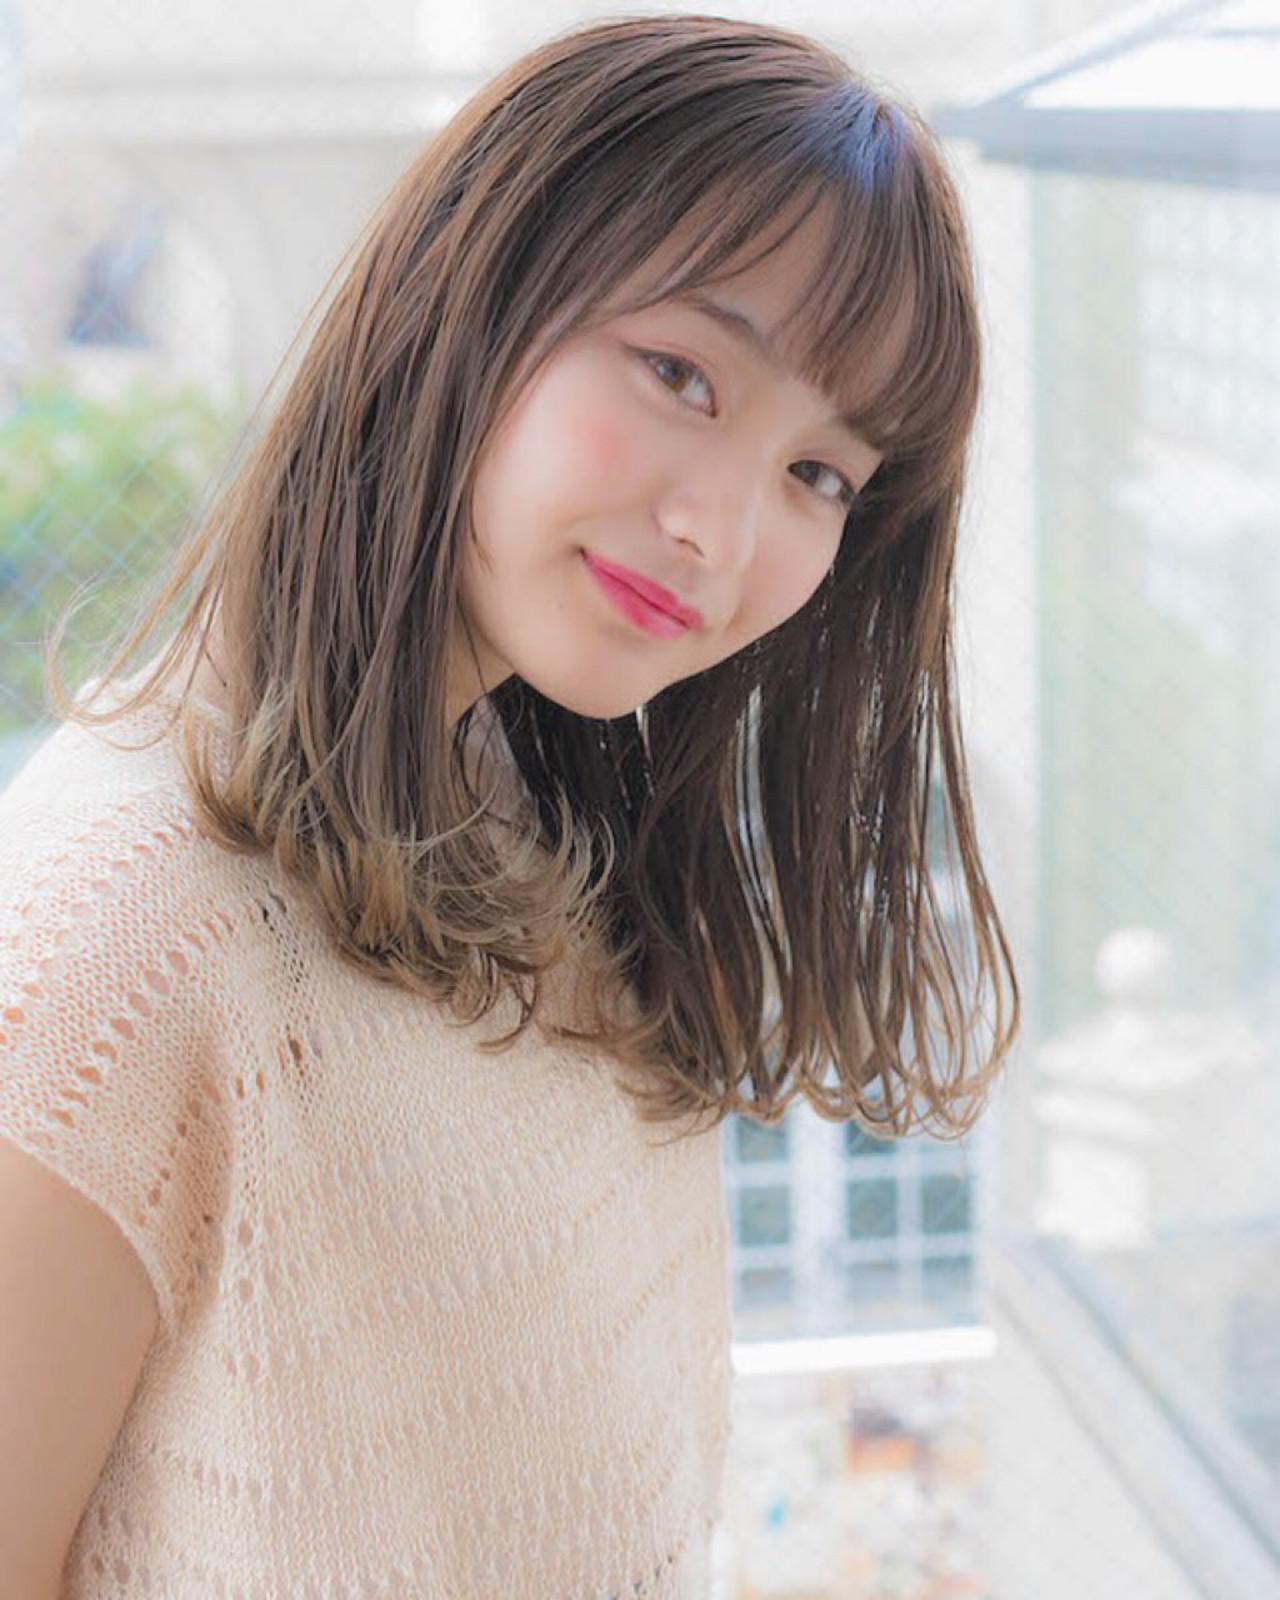 大人可愛い印象になれる髪型♡ 竹澤 優/relian銀座Top stylist